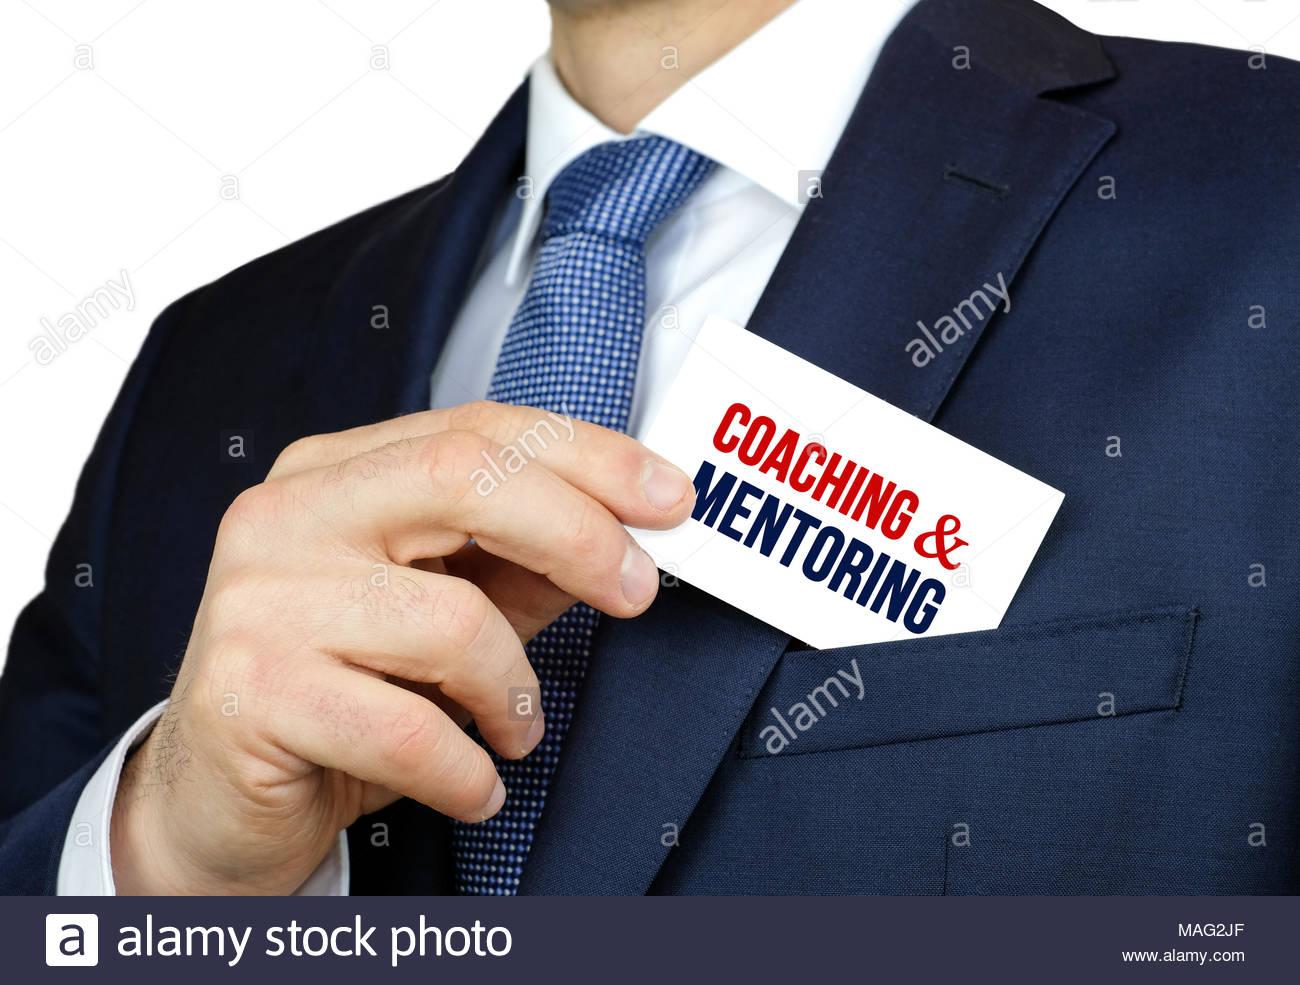 Coaching und Mentoring - business card Beratung Stockbild